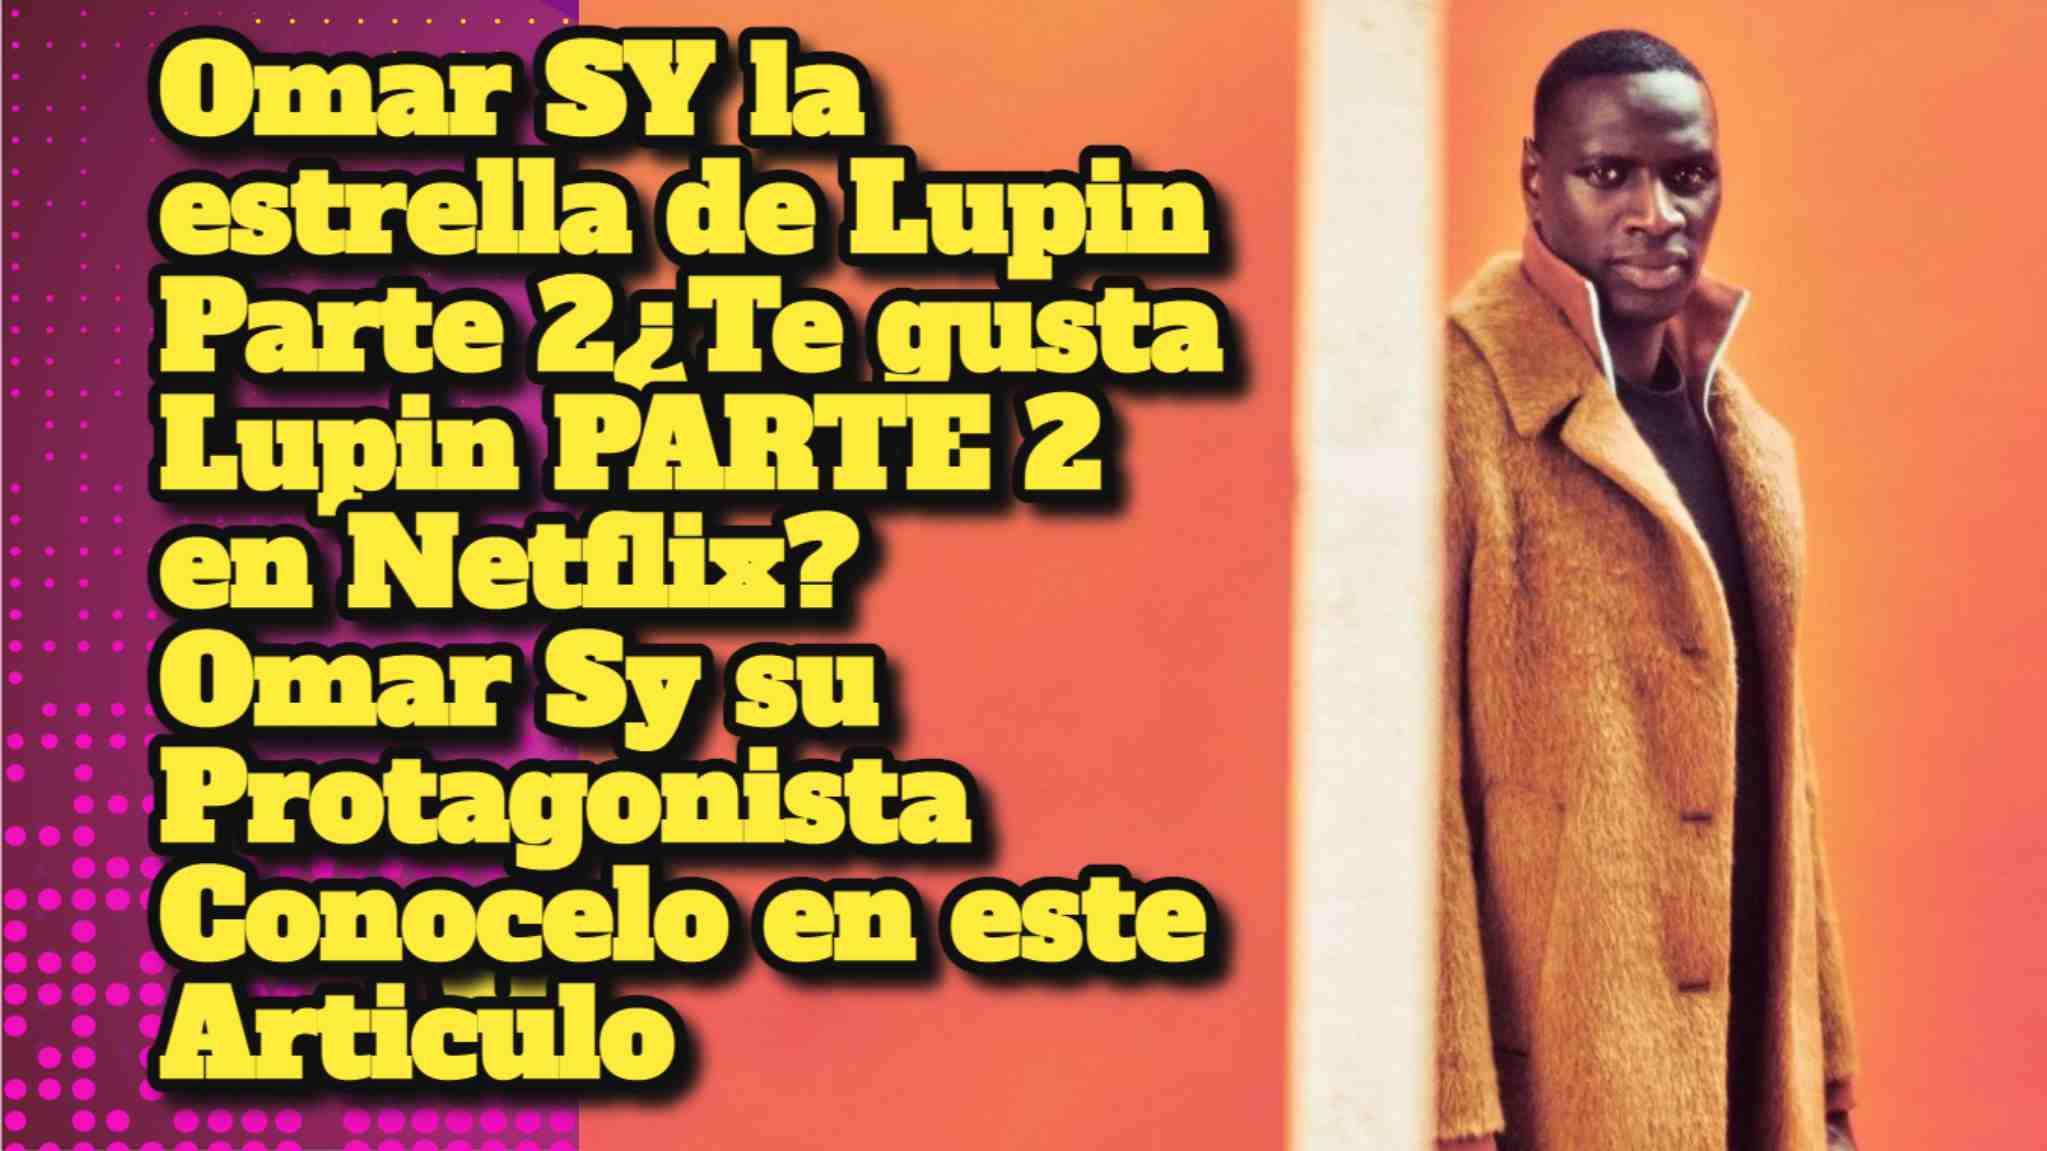 Omar SY la estrella de Lupin Parte 2¿Te gusta Lupin PARTE 2 en Netflix? Omar Sy su Protagonista Conocelo en este Articulo